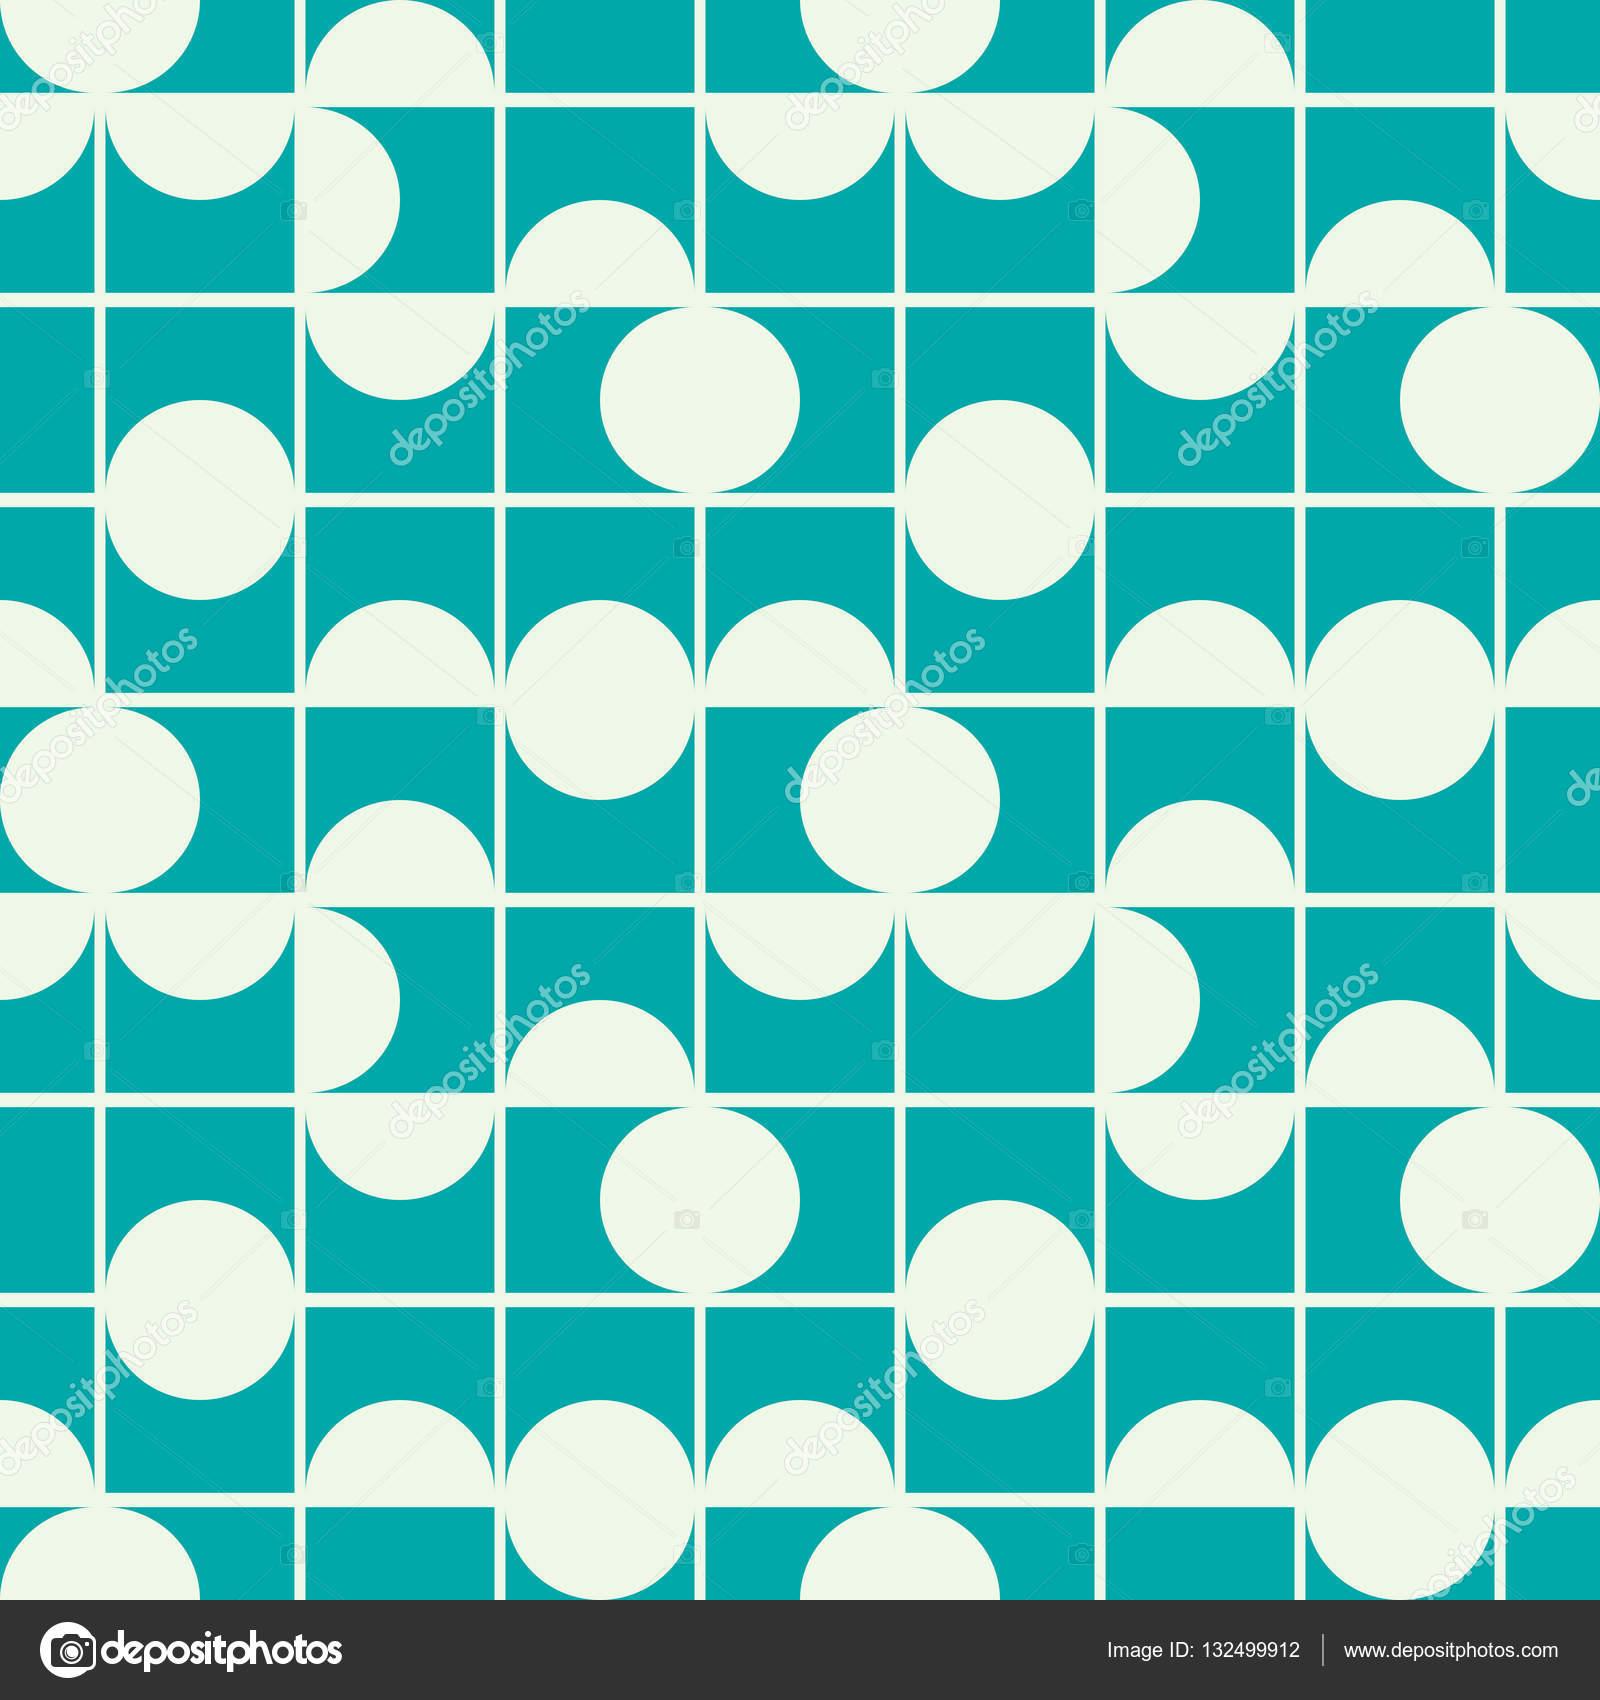 ea7334a50 Modèle sans fin de vecteur composé avec des formes géométriques. Tuile  graphique avec texture ornement peut être utilisée dans le textile et le  design ...